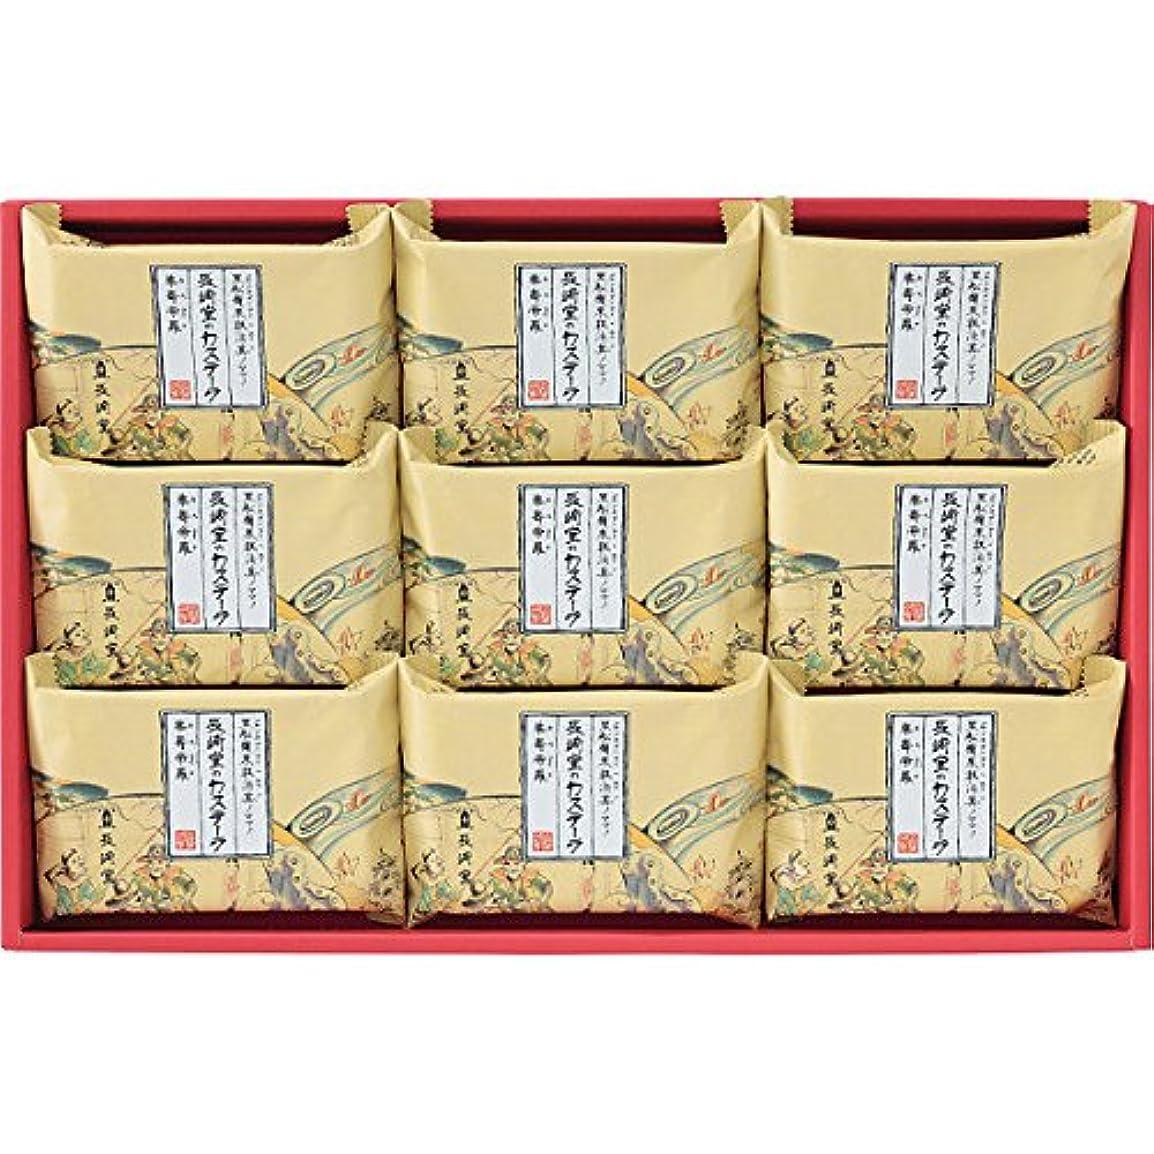 汚染されたコーンうめき声長堂 カステラ 和菓子 セット 詰め合わせ 長崎堂 ひときれカステーラ(9個)